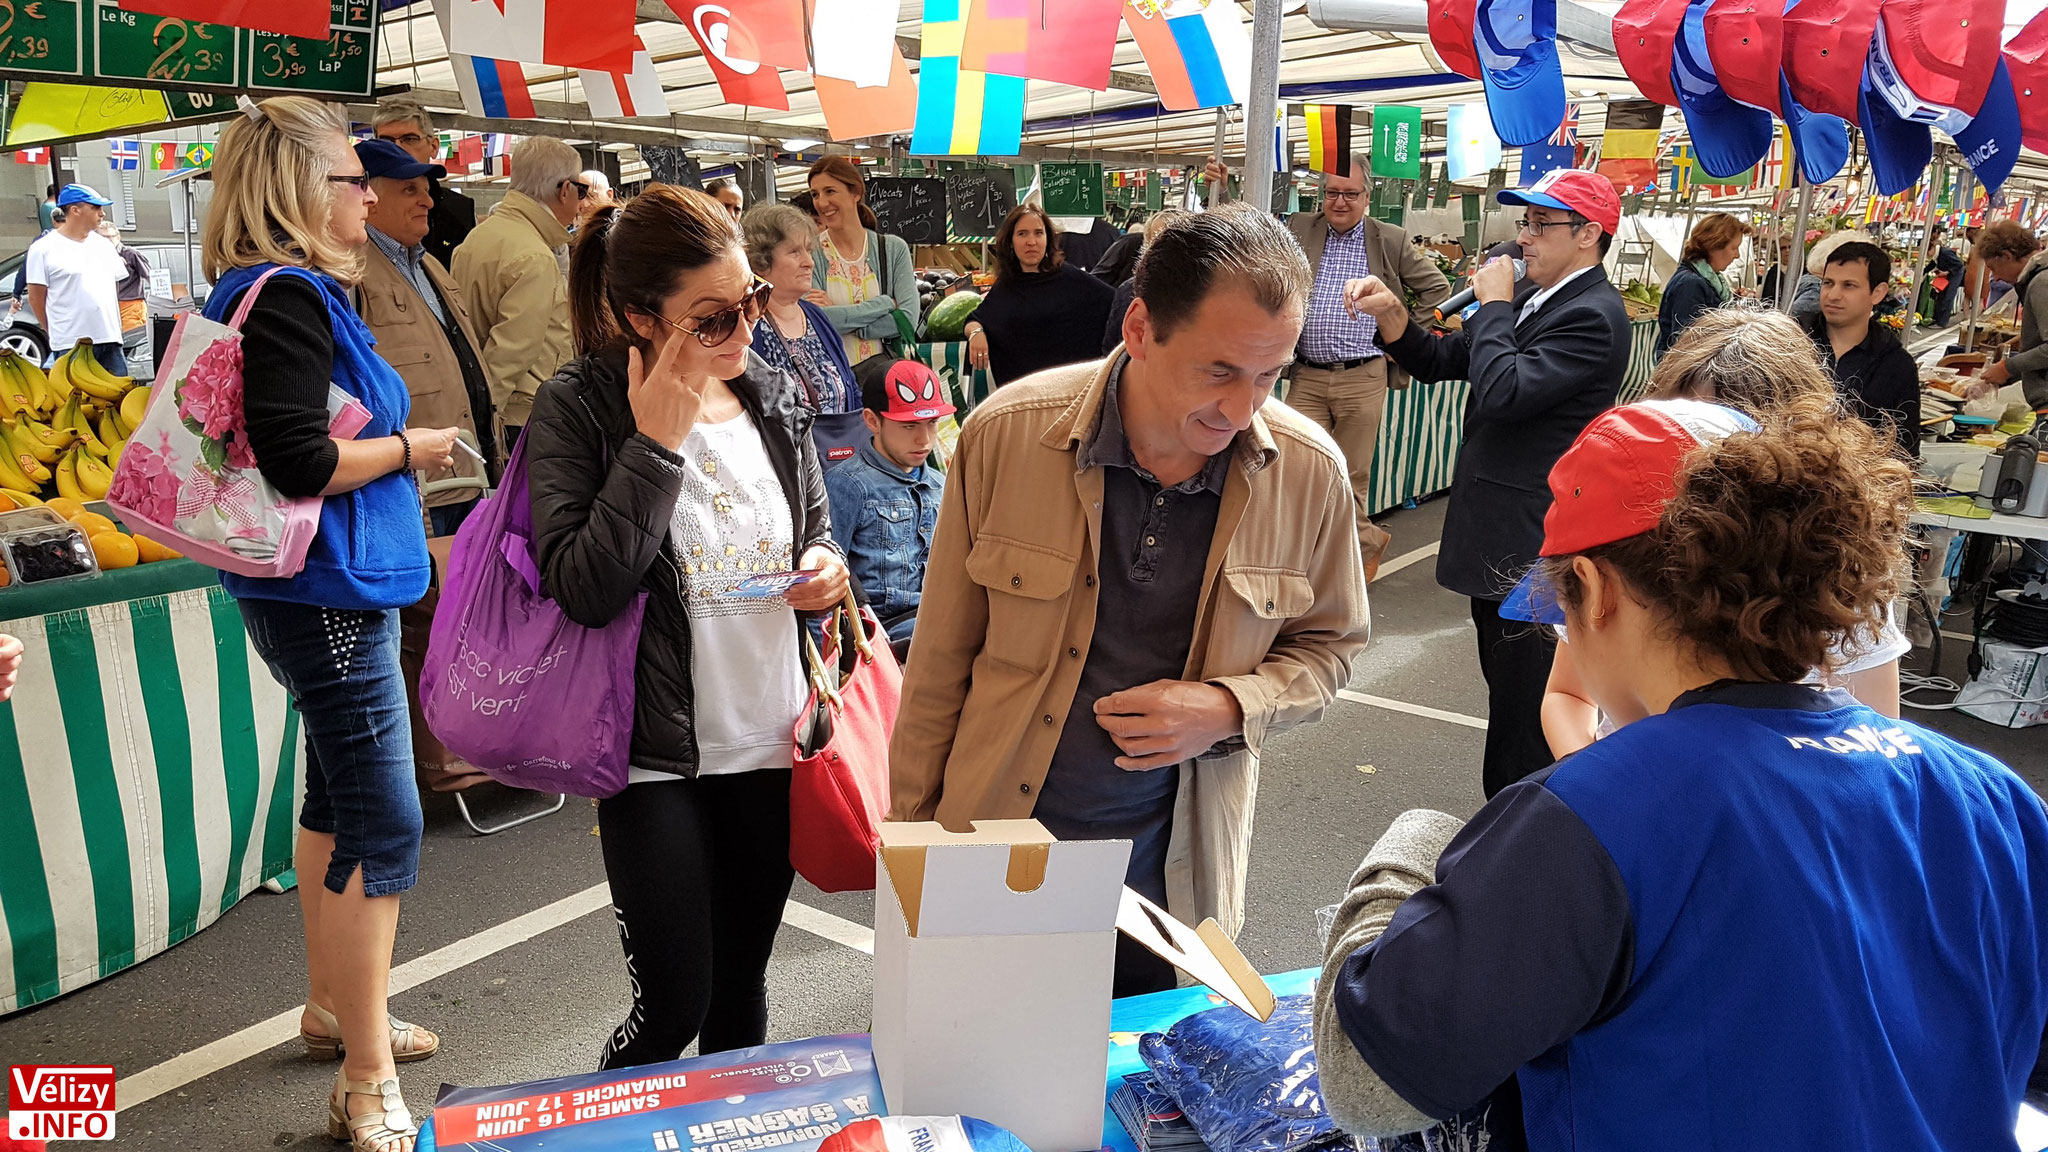 Marché du Mail à Vélizy-Villacoublay.